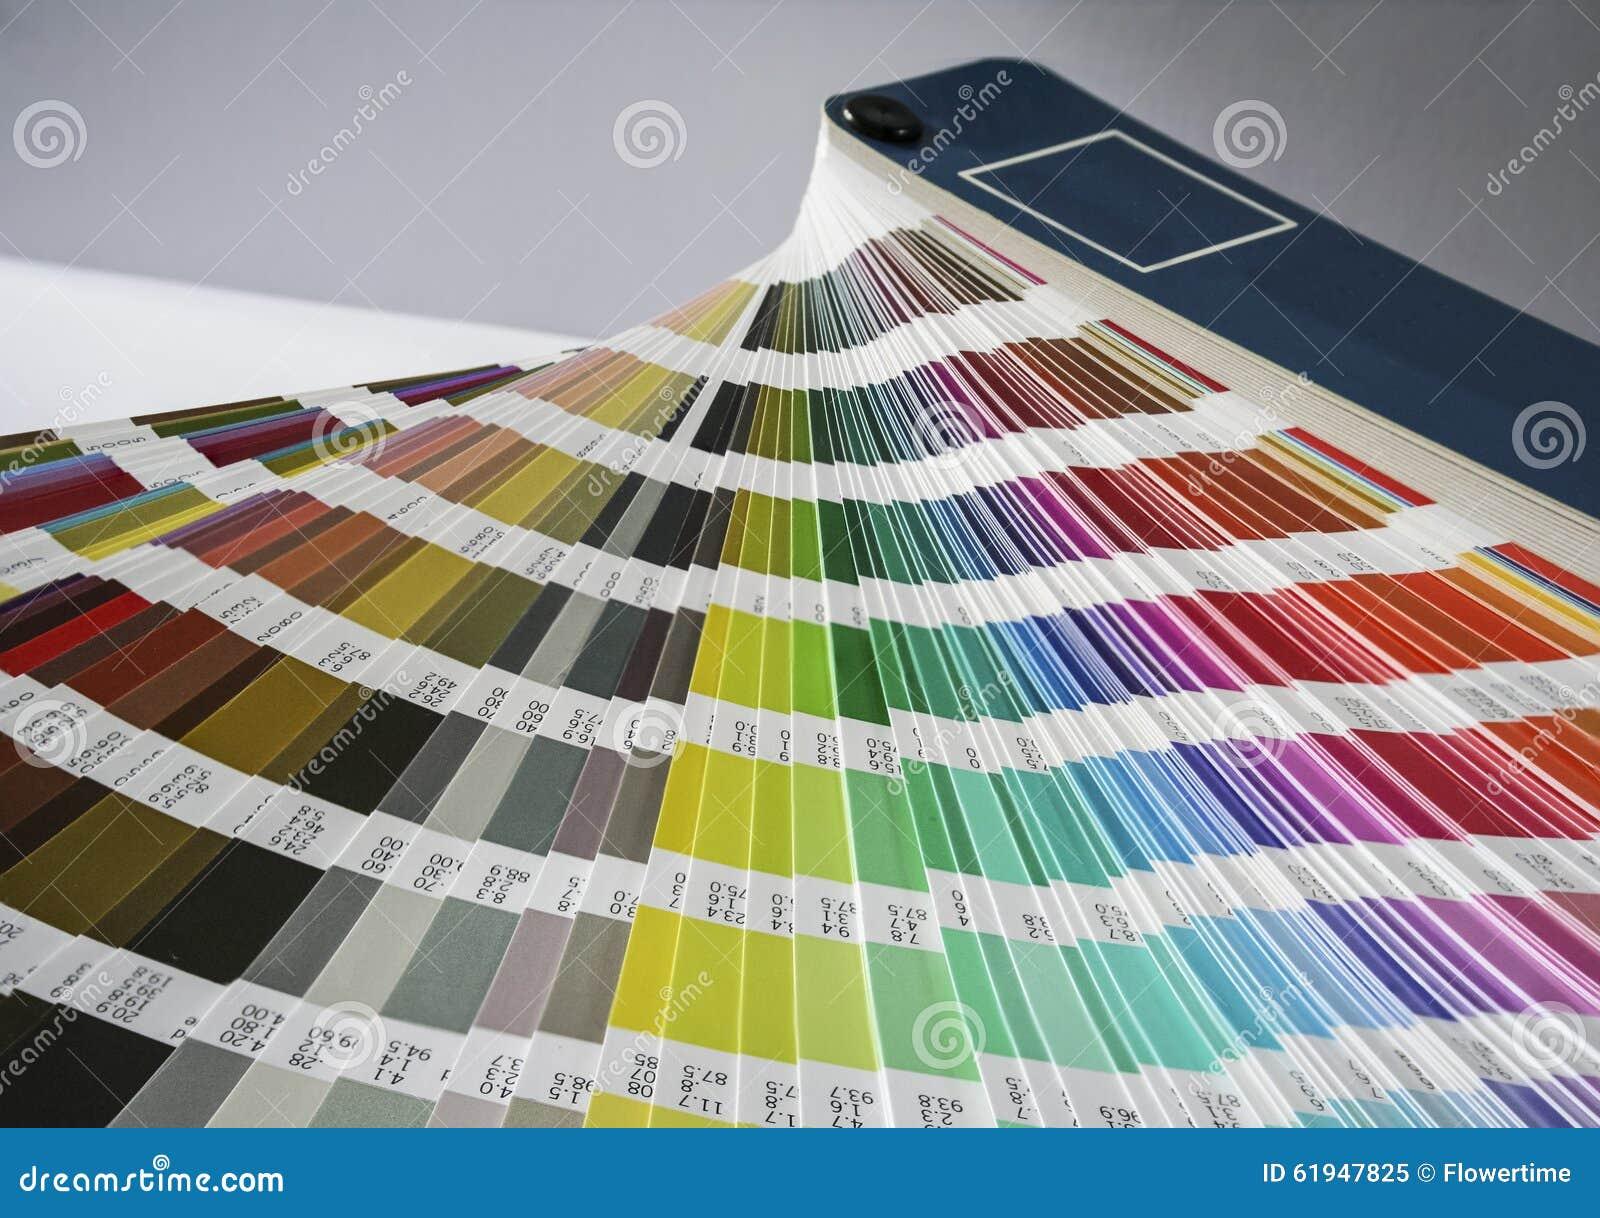 颜色样片爱好者打印和图形设计的